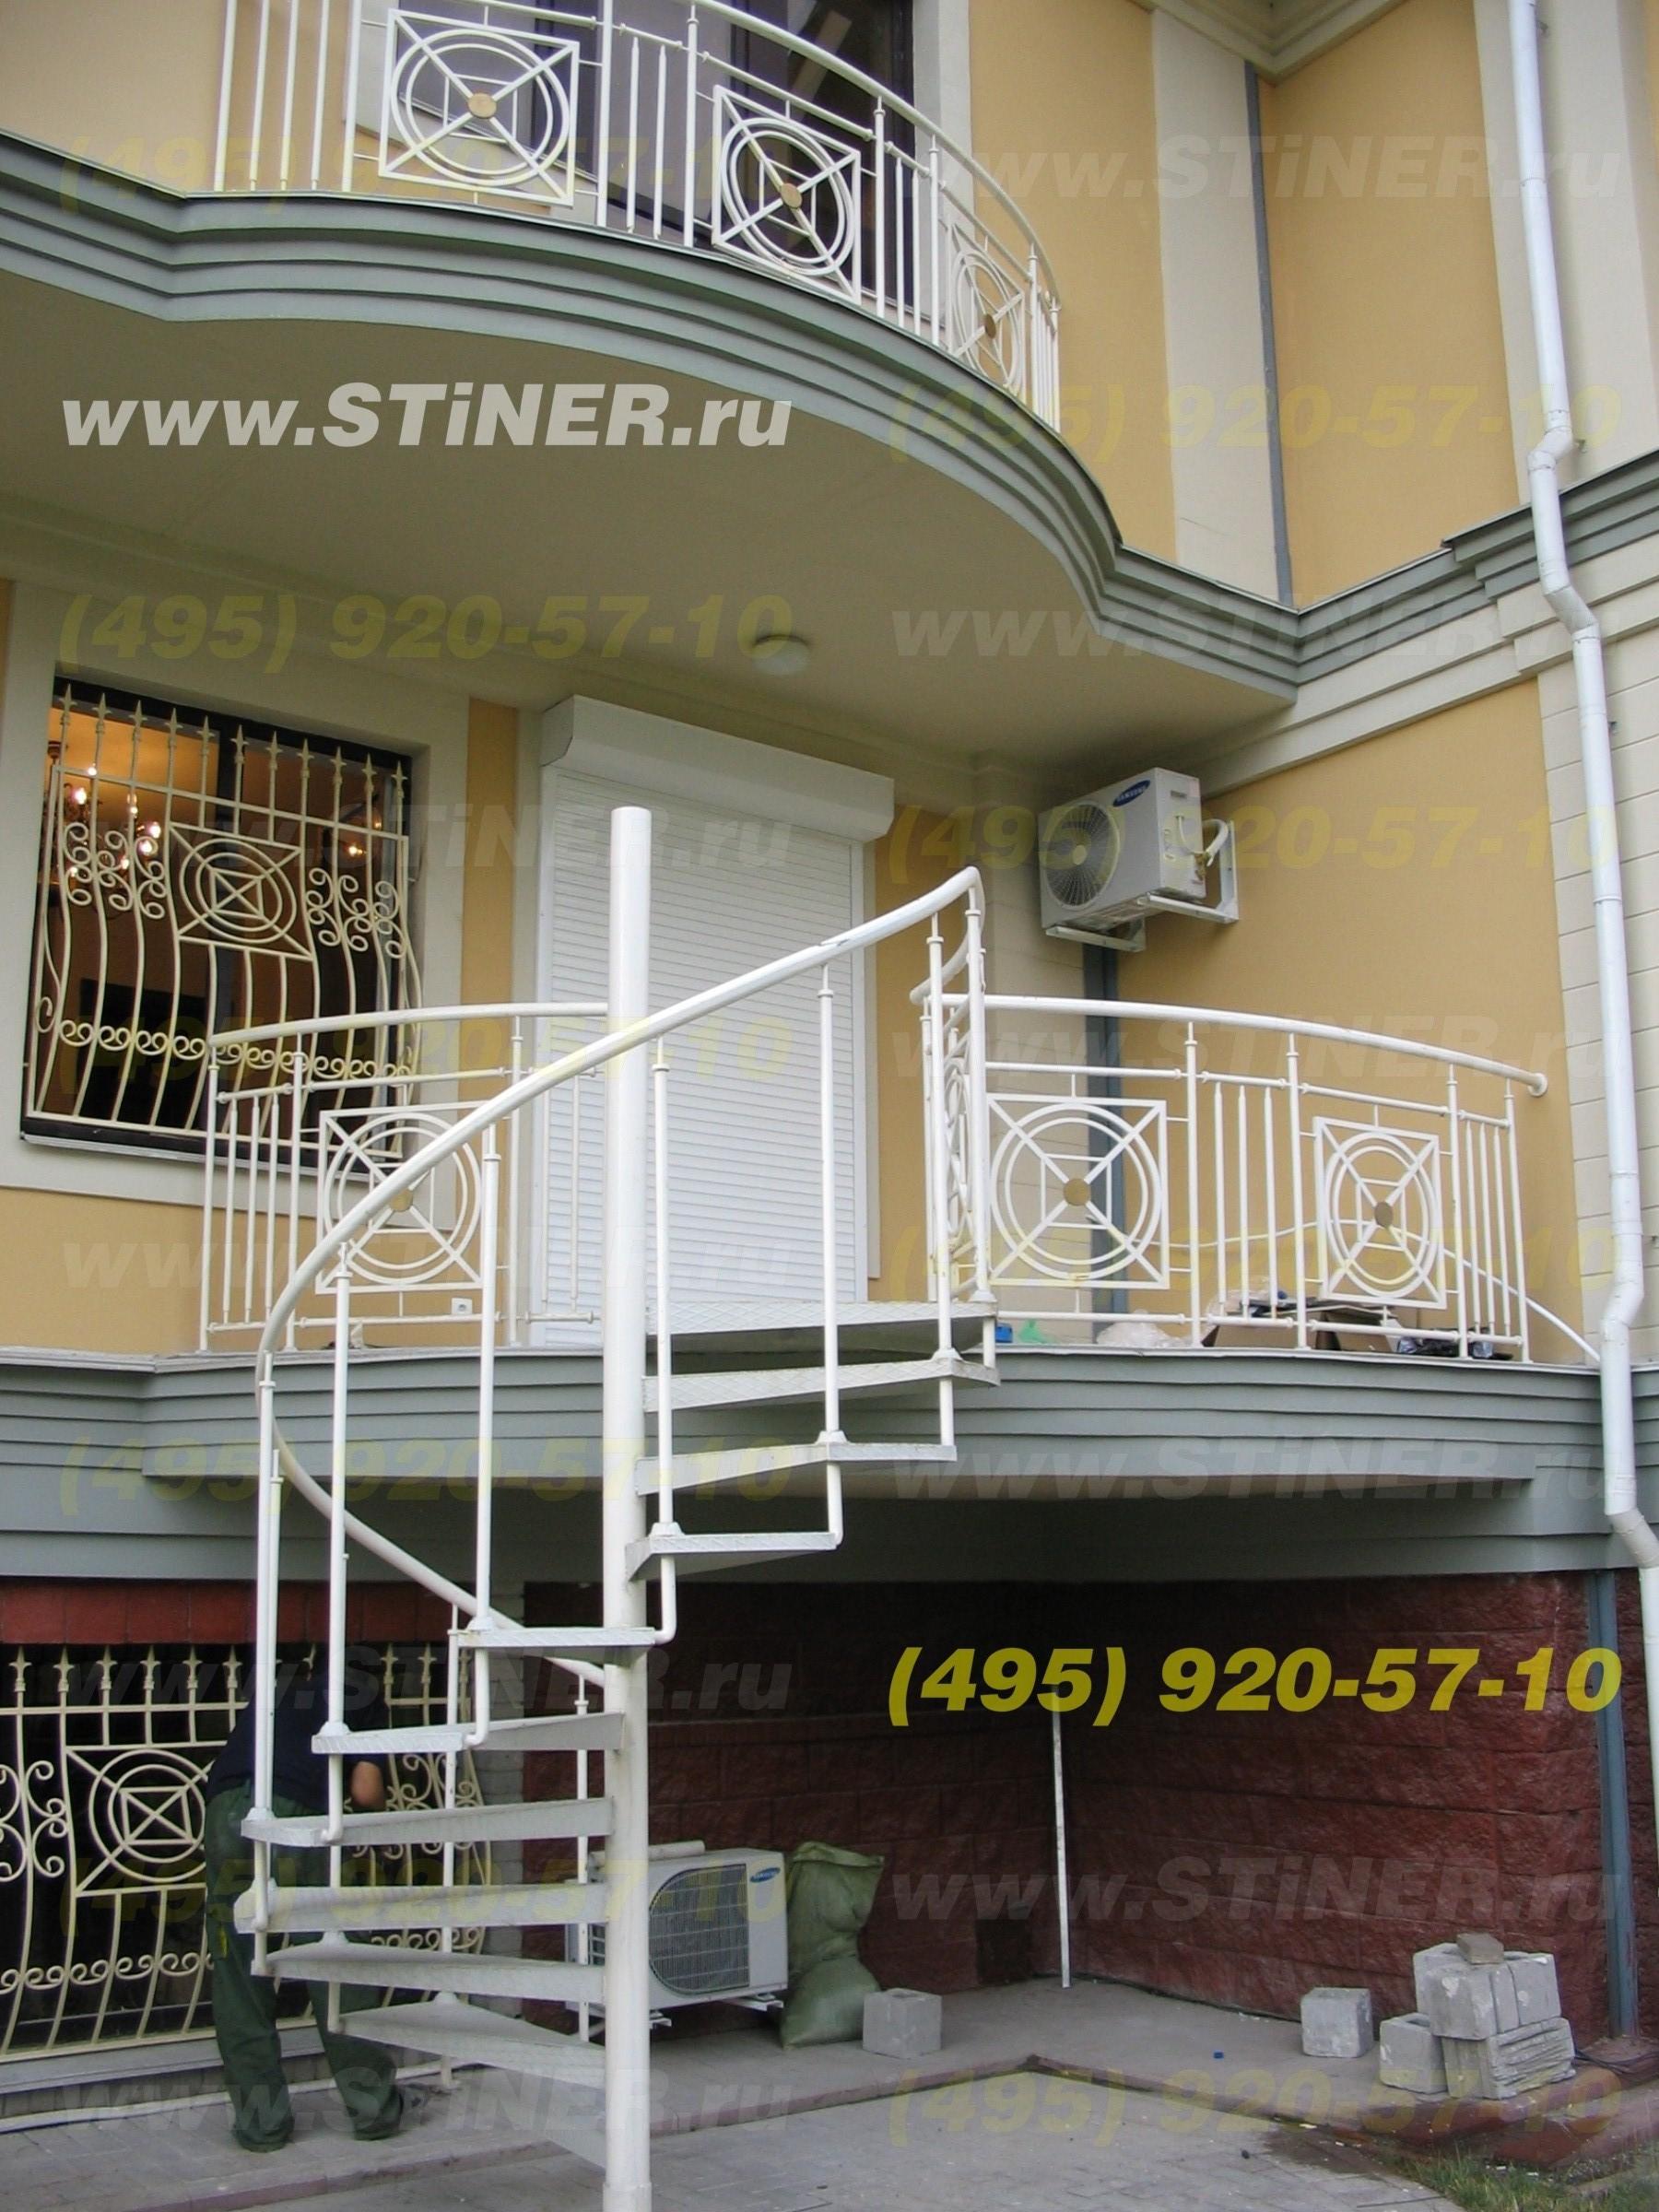 Рольставни для балкона таунхауса (загородного дома)